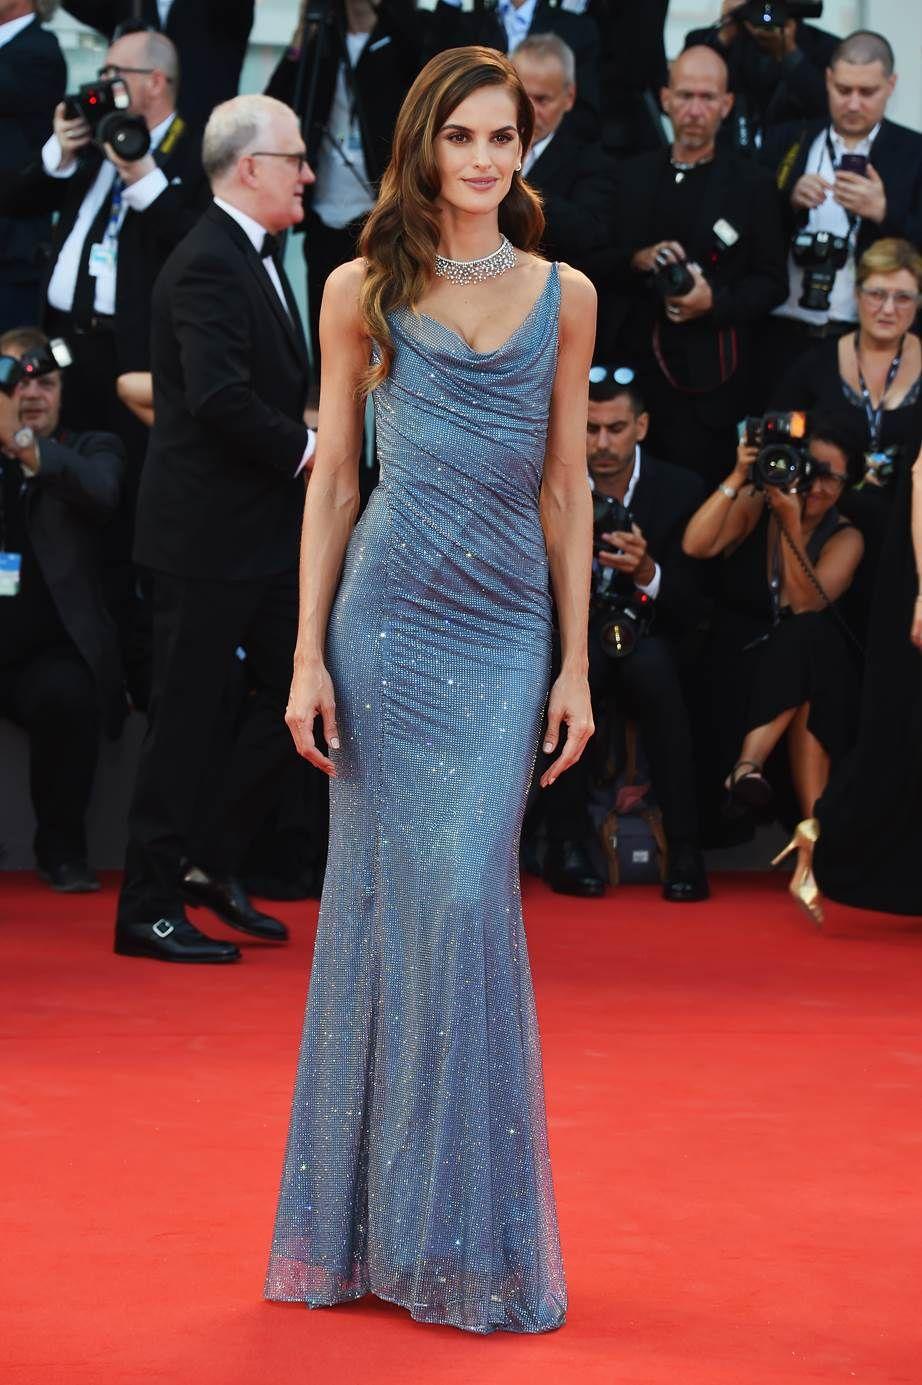 Розкішні сукні знаменитостей на відкритті Венеційського кінофестивалю-2017 - фото 336122